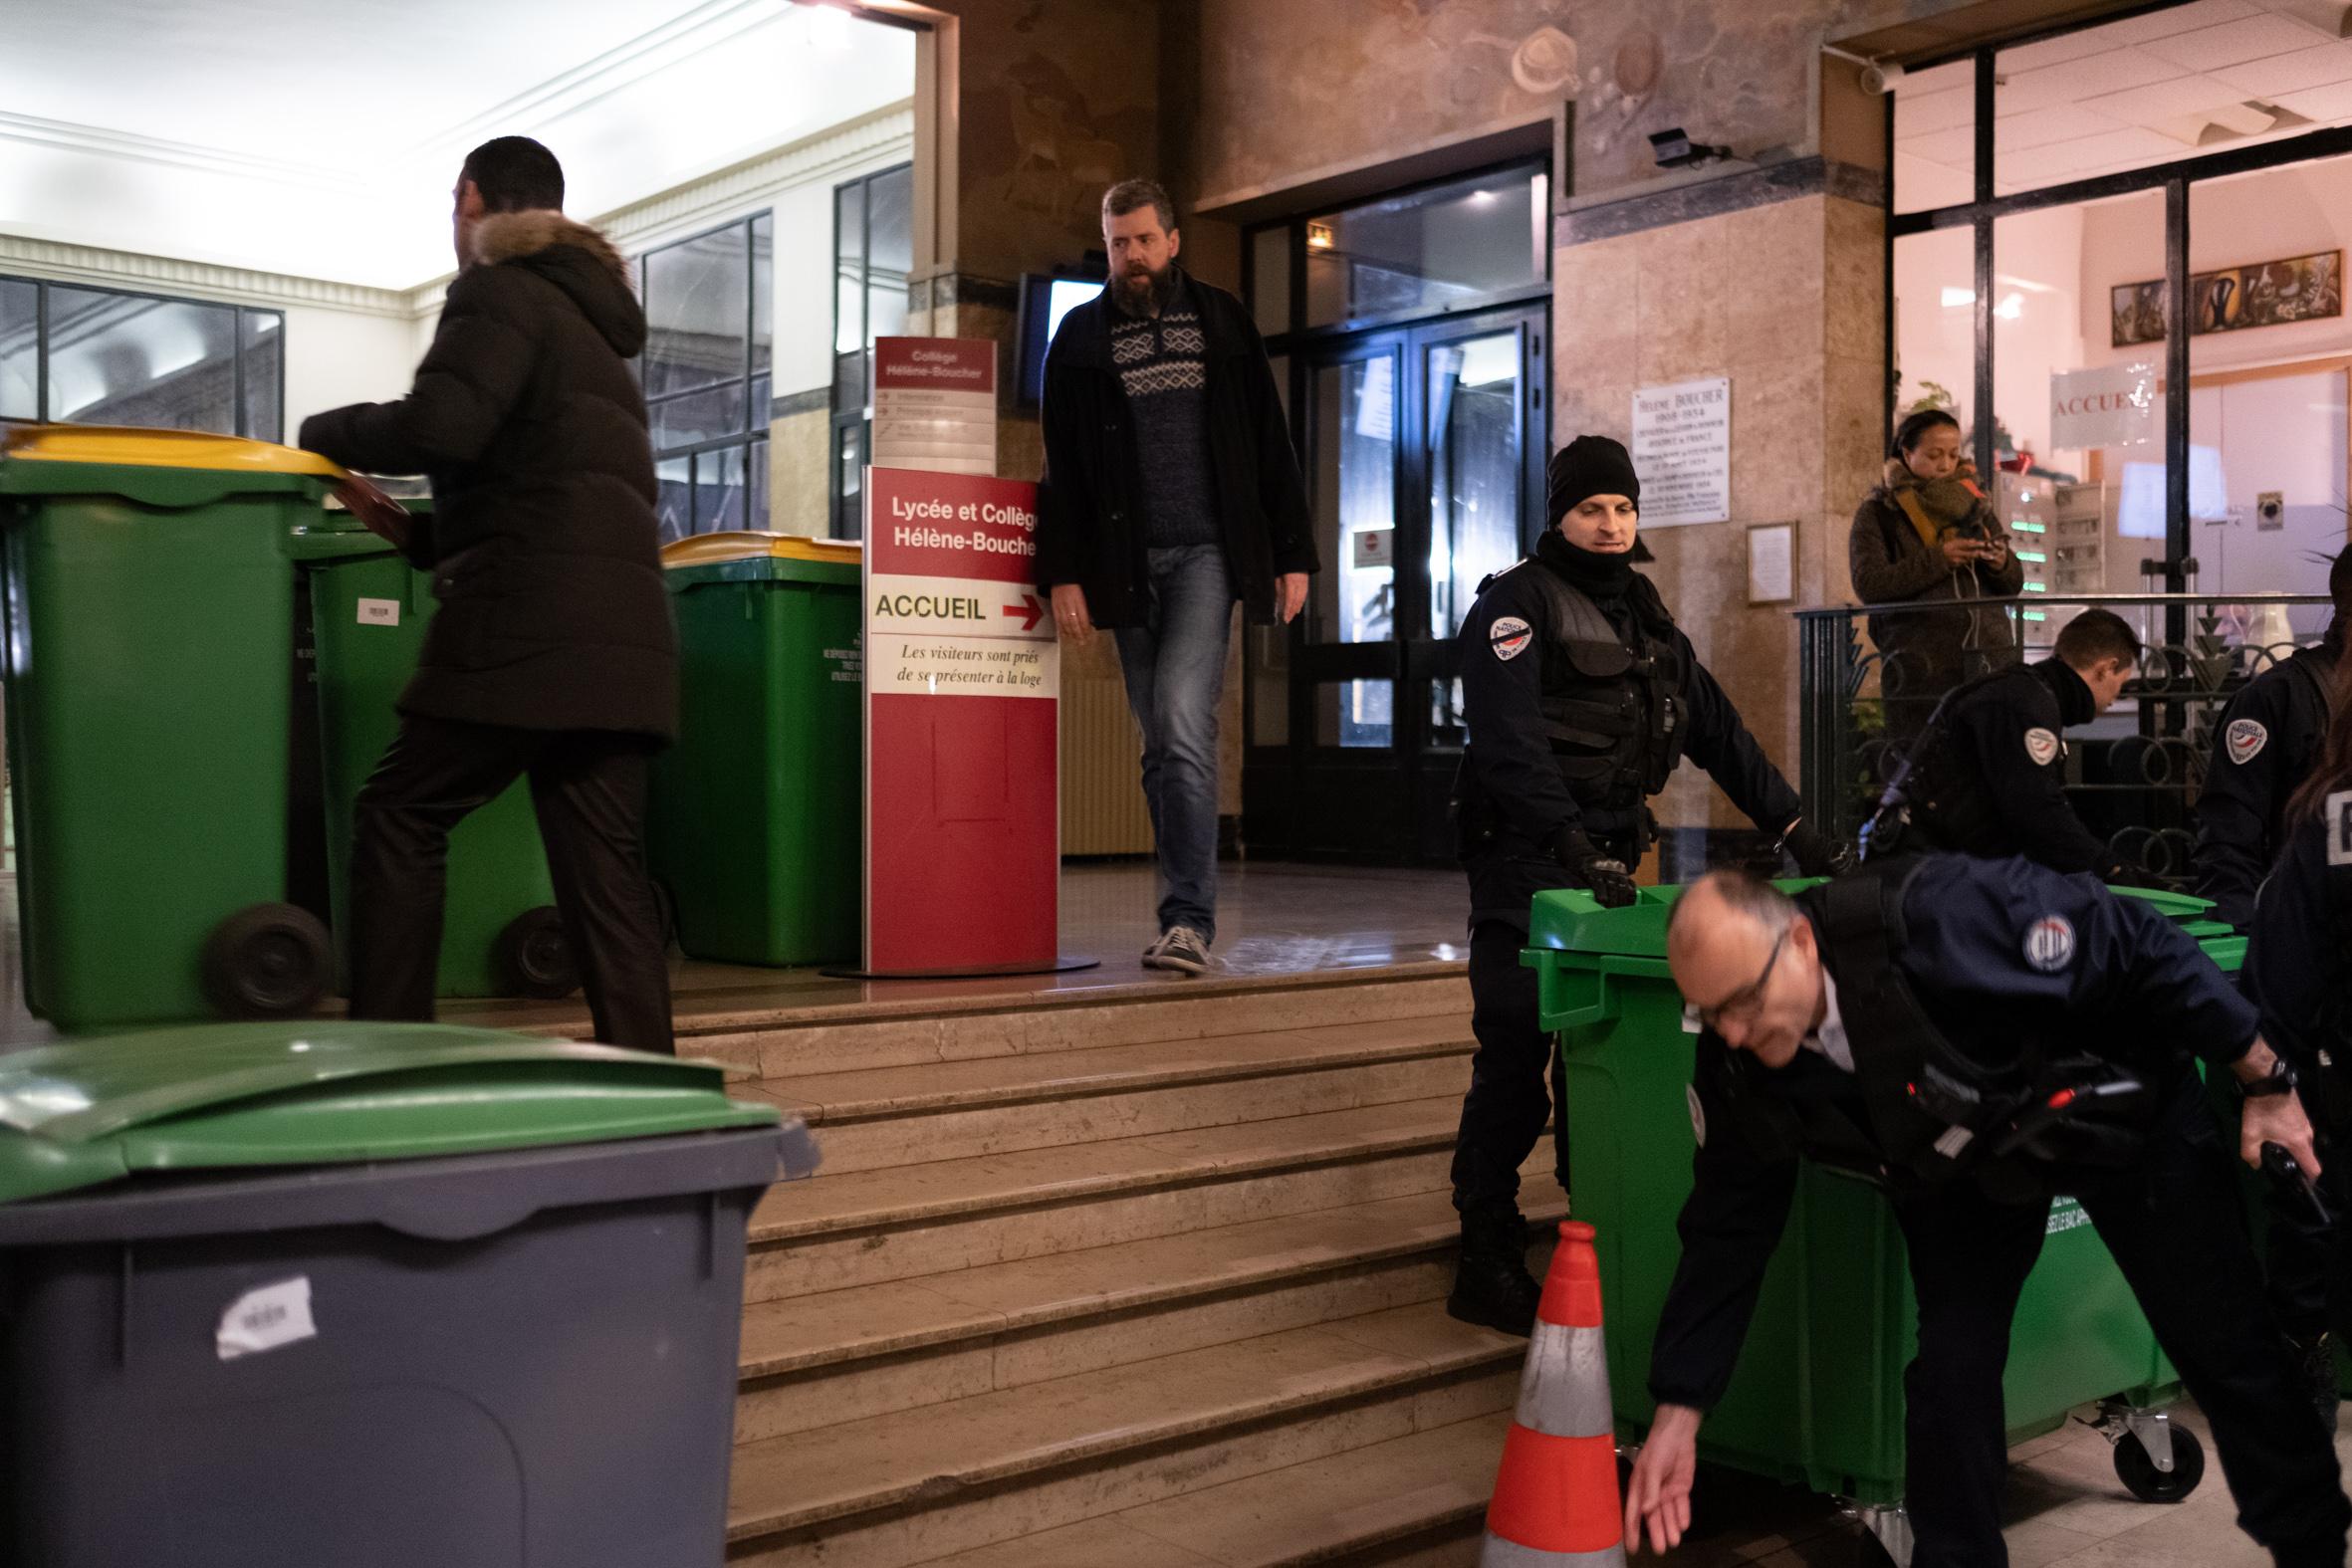 7h40: Les policiers et des membres de l'administration tentent de détruire la barricade en rentrant les poubelles à l'intérieur de l'établissement. Bousculés par les forces de l'ordre, les élèves s'interposent devant les portes, ce qui pousse l'administration à les fermer.